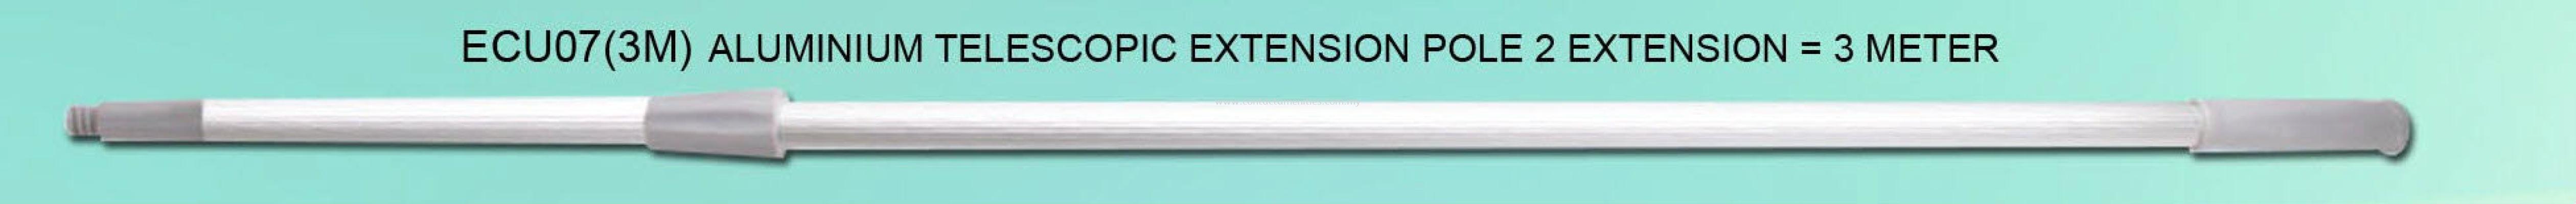 ECU07(3M) - Aluminium Telescopic Extension Pole 2 Extension (3M)